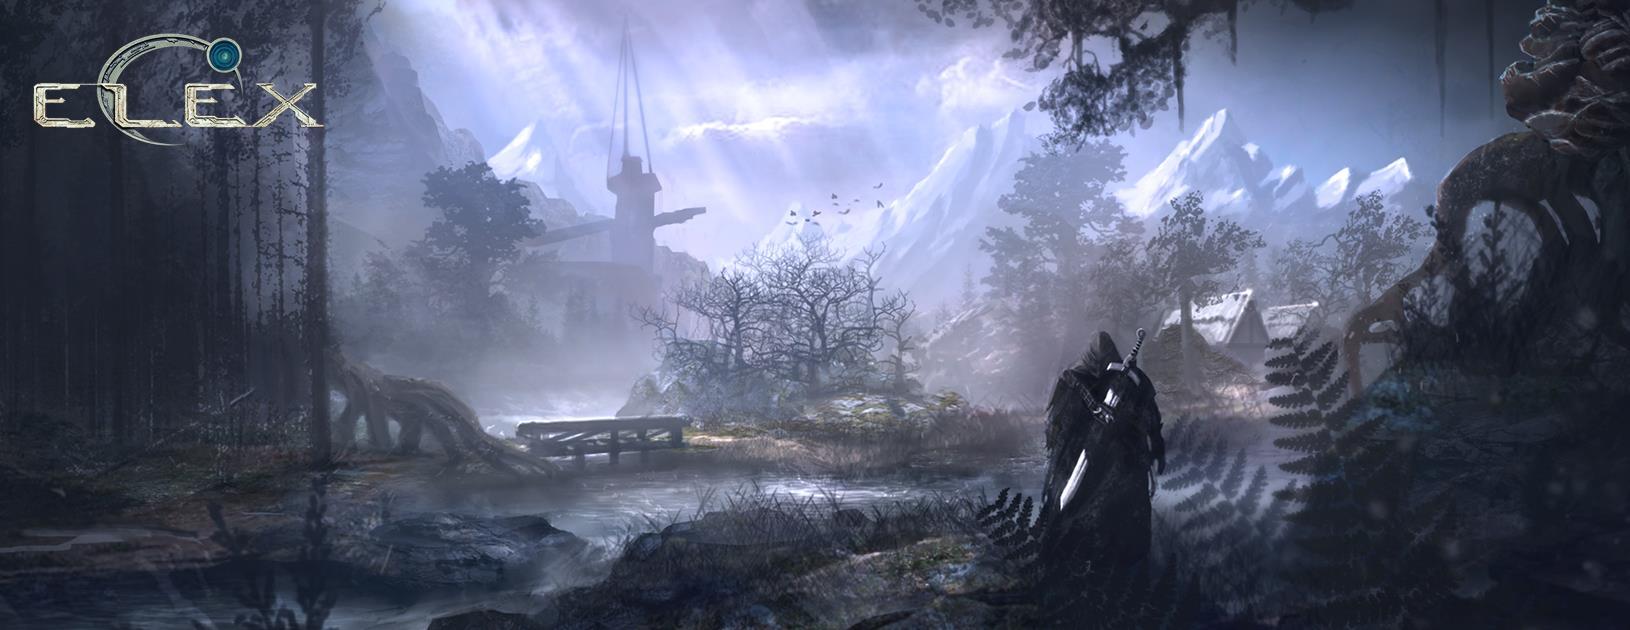 ELEX - Erstes Bild zum Spiel